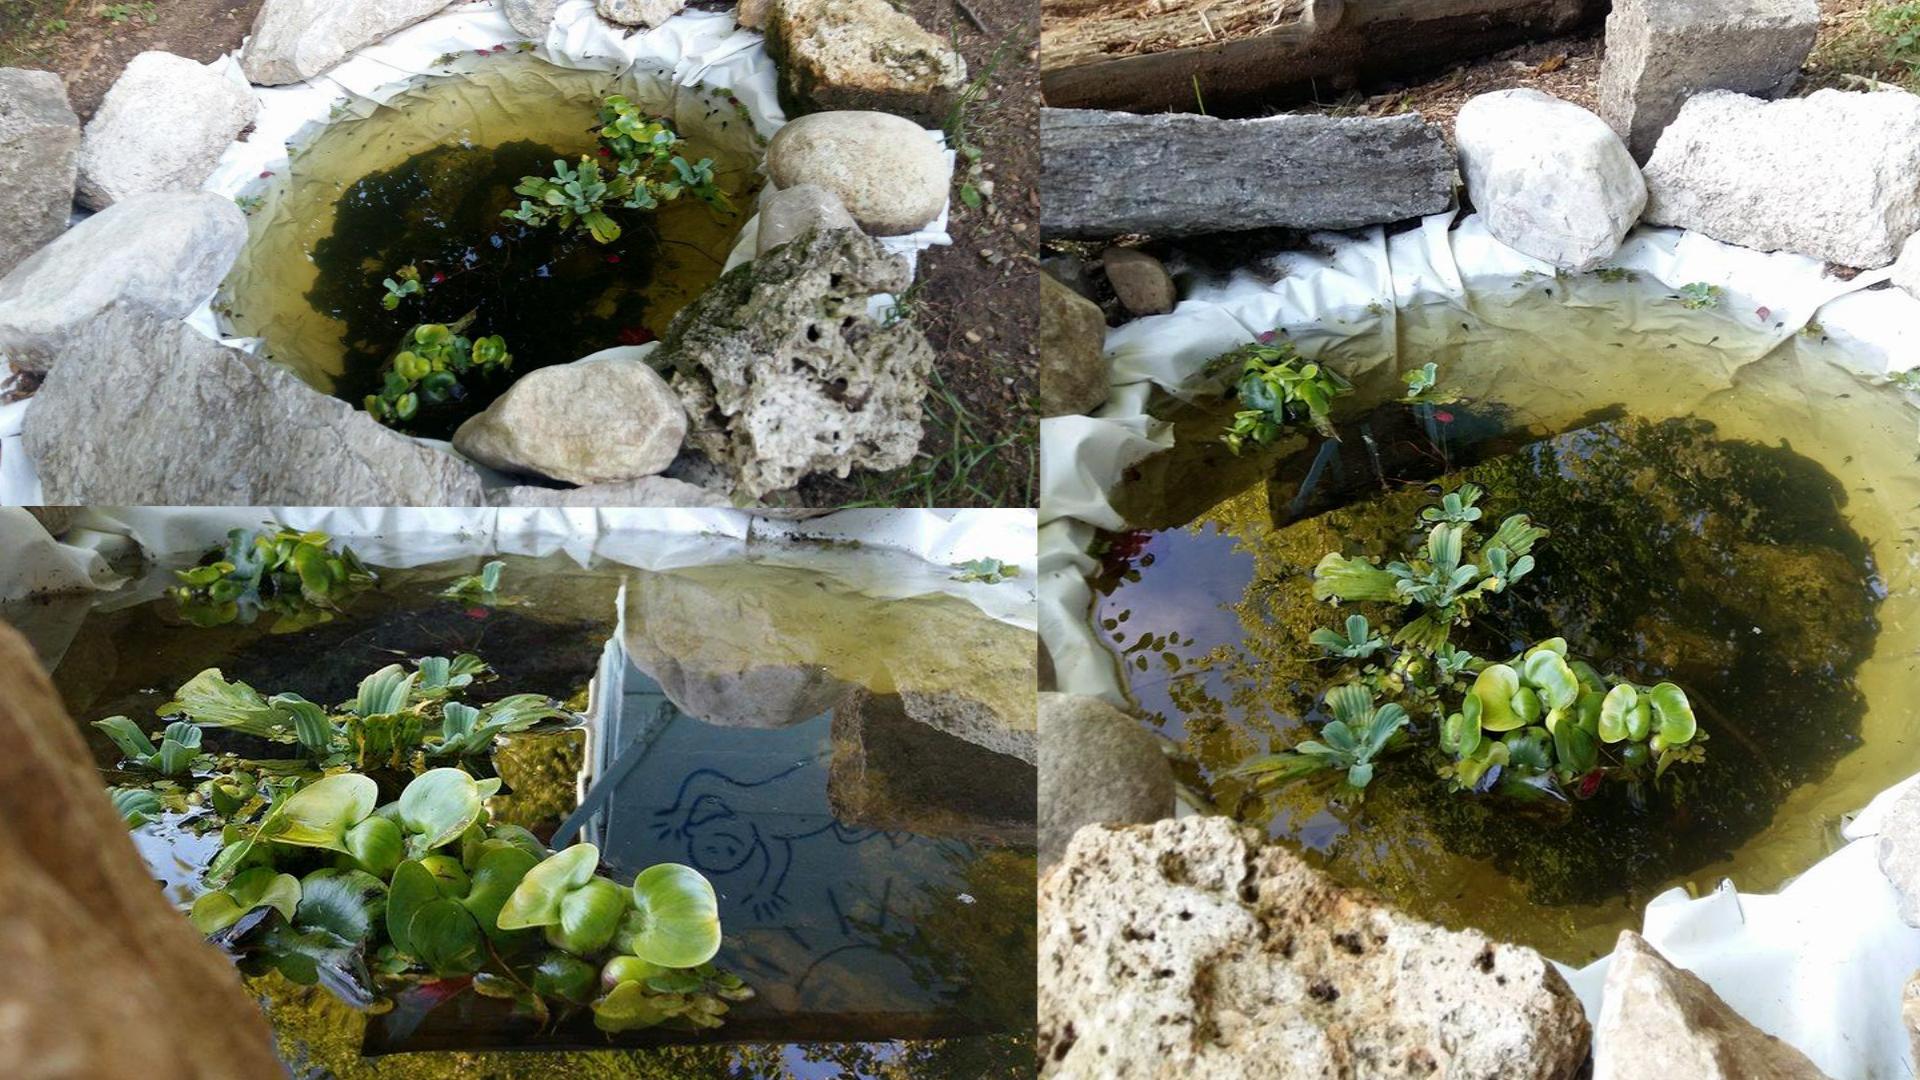 Unser ganzer Stolz... unser, ca. 80 cm Durchmesser, selbst angelegter Teich & Wohnort unserer 501 Kaulquappen - Teil von Miniland. Und unser Logo, welches wir an die Häuschenwand gesprüht hatten, spiegelt sich so schön im Wasser ;)